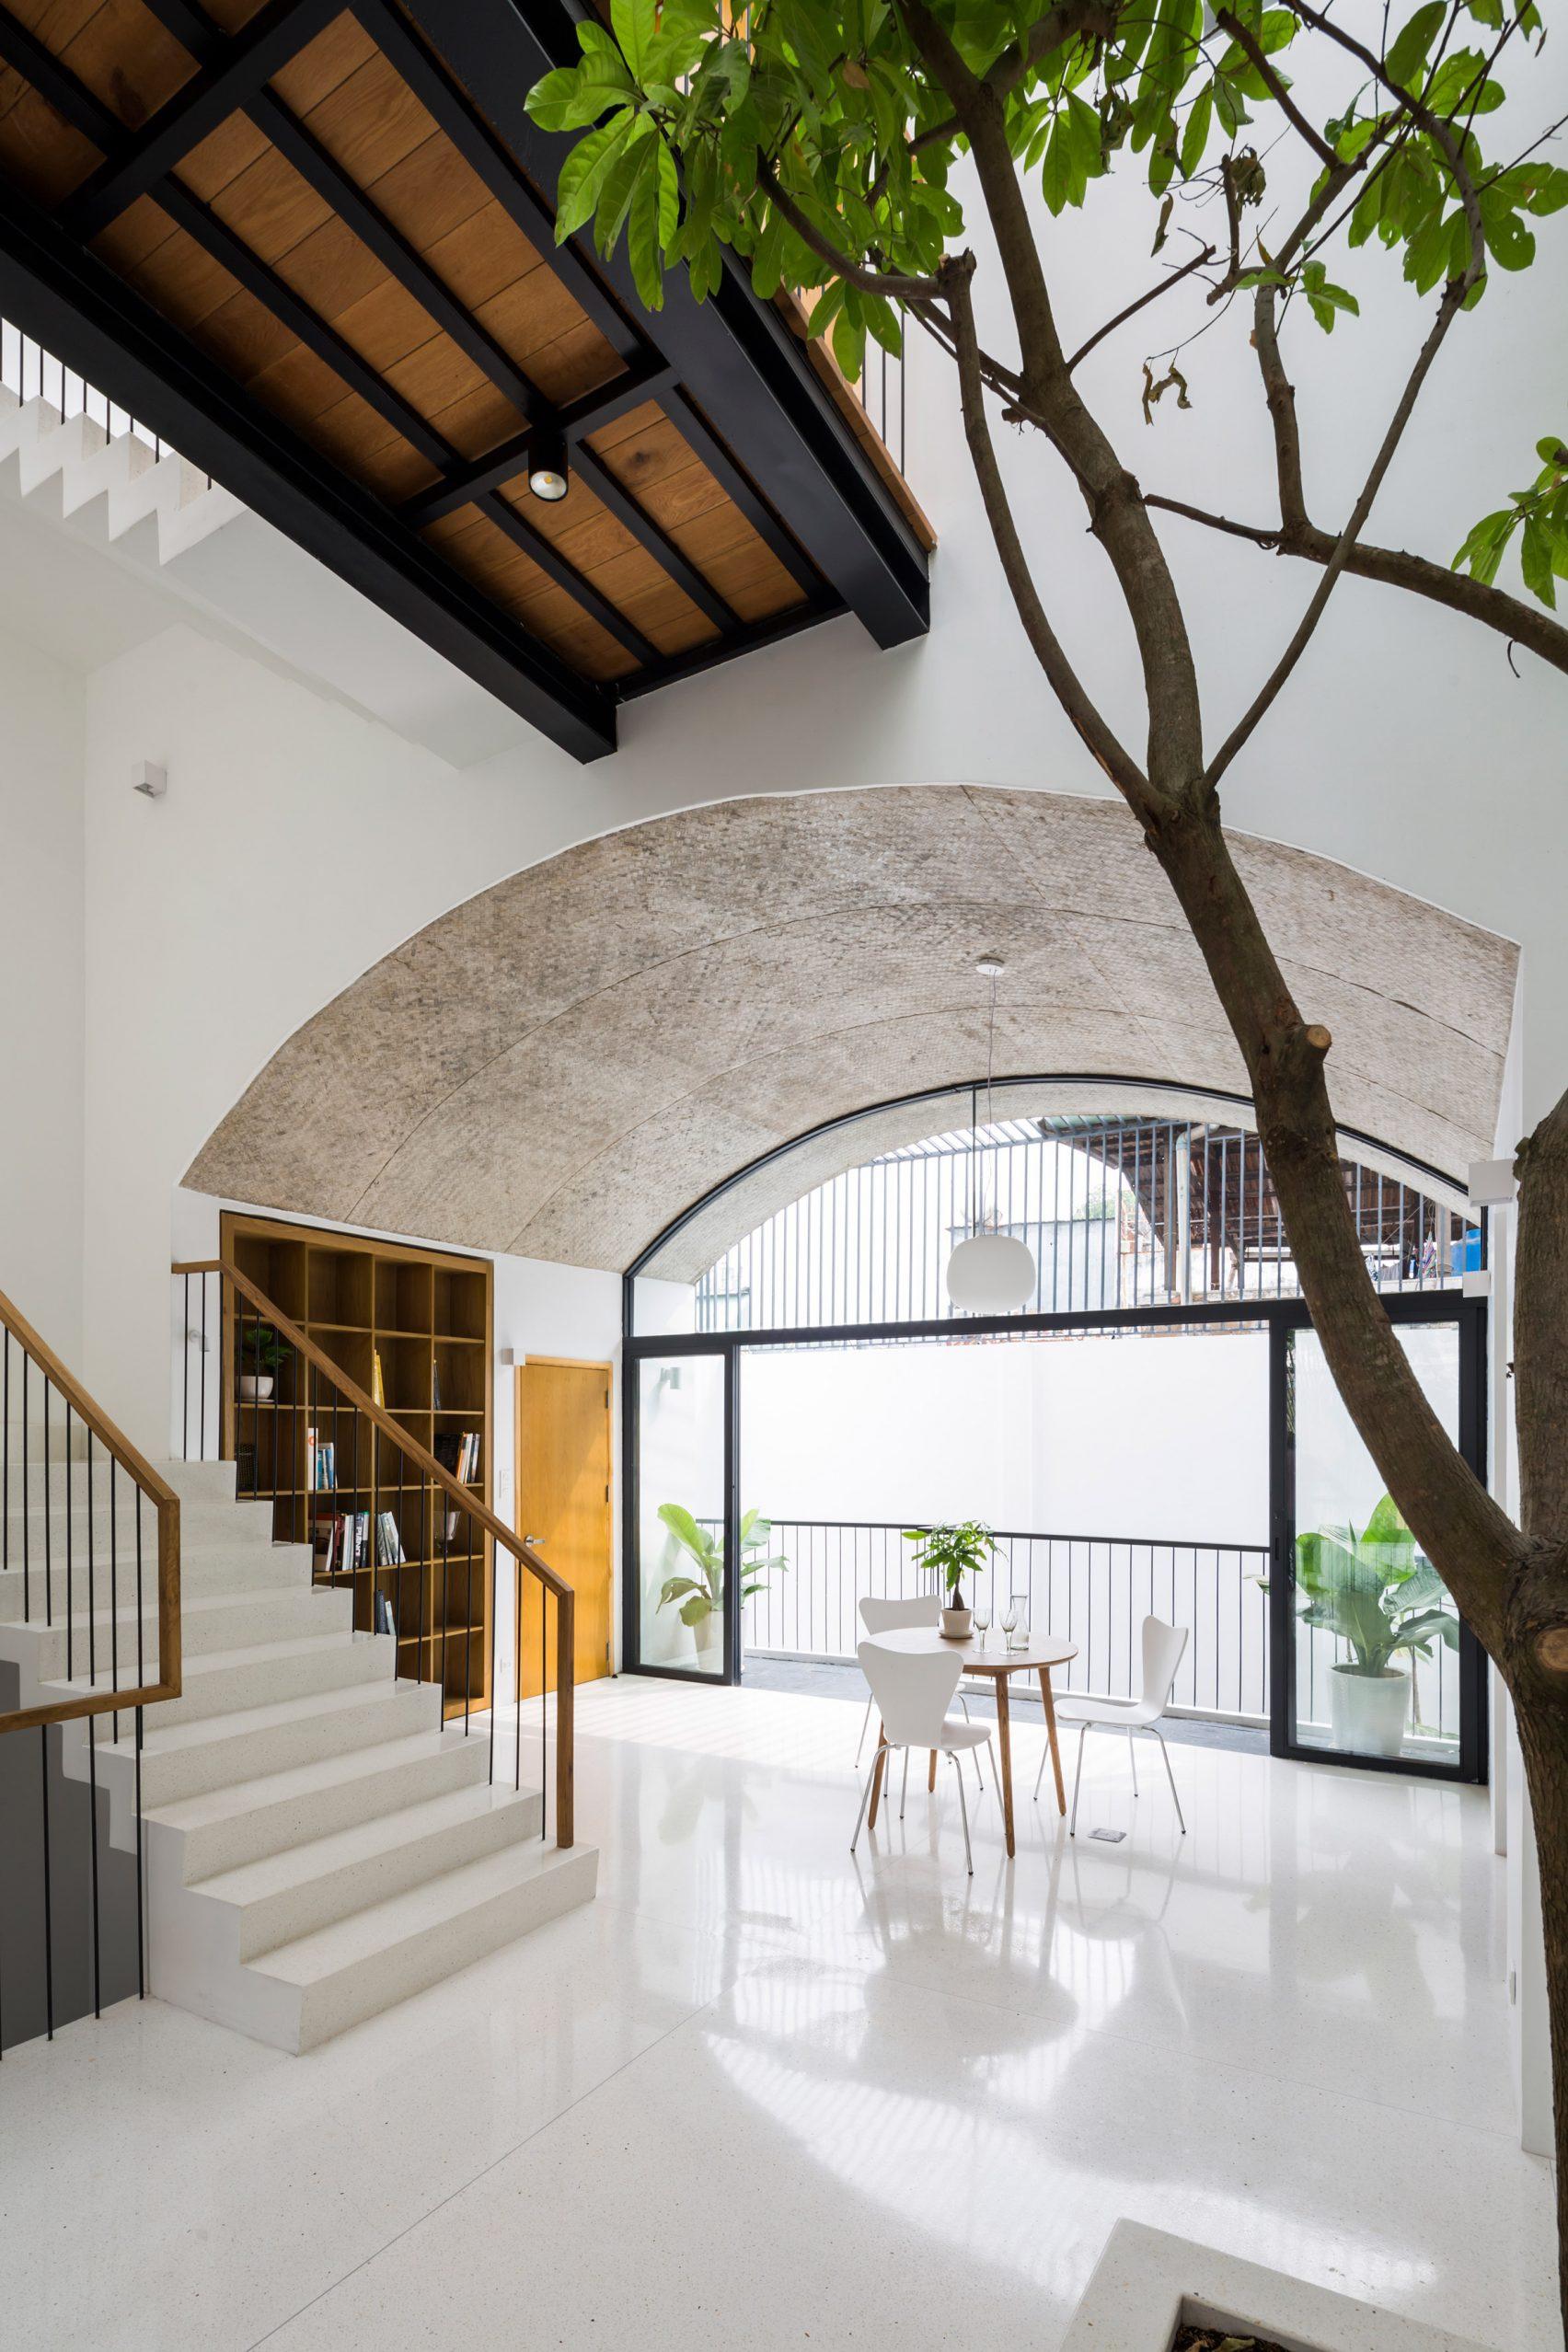 Nhà phố rộng 380 m2 với 3 phòng ngoài trời hình vòm độc đáo ở Sài Gòn - 6